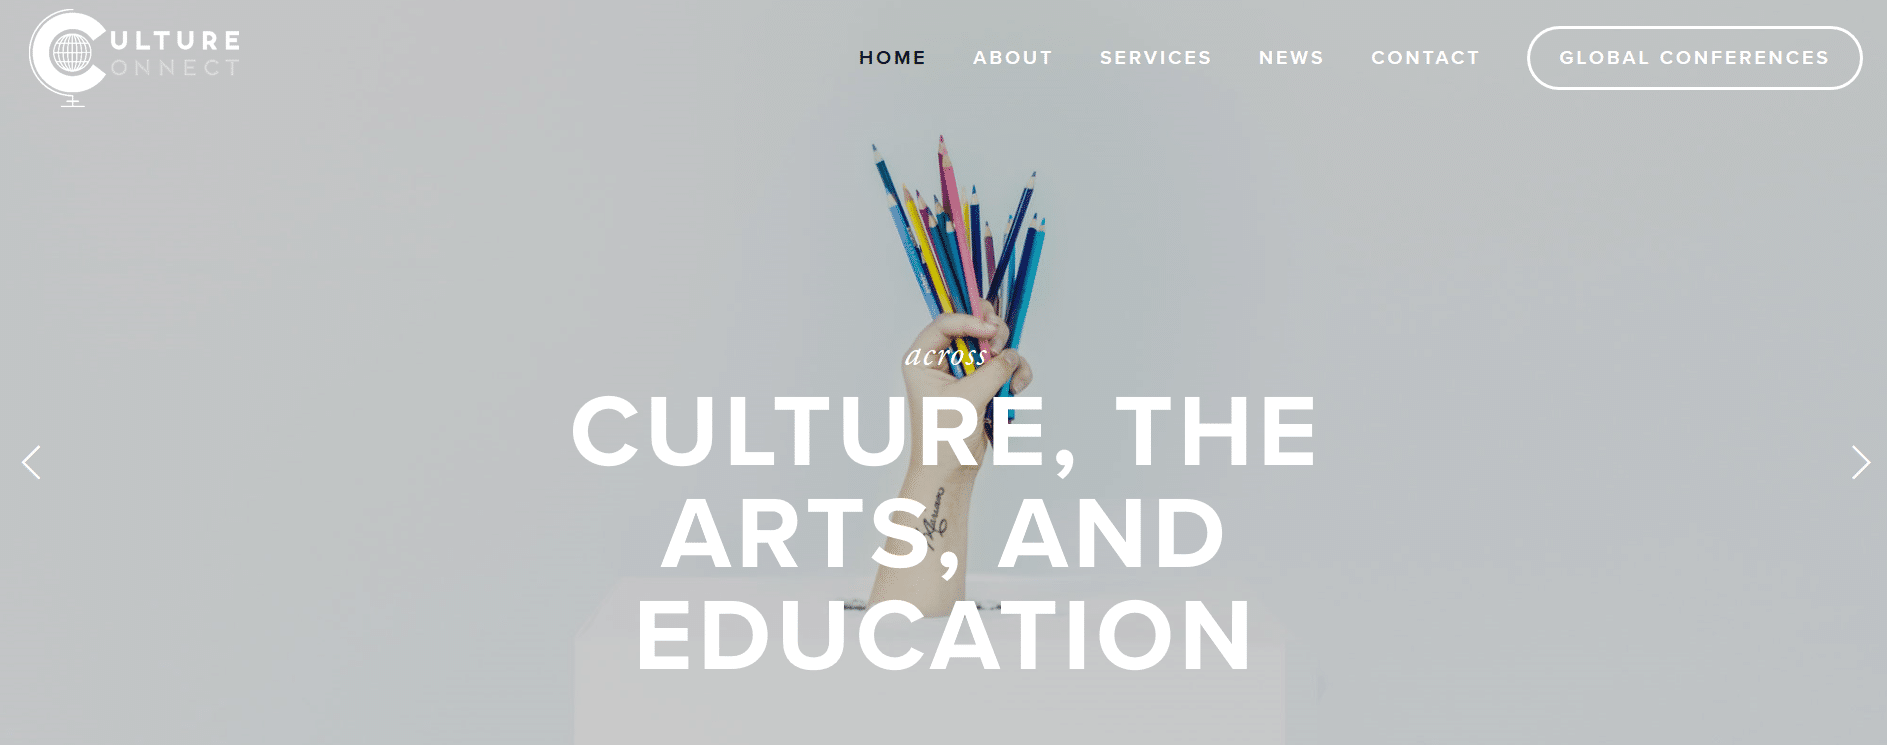 Culture Connect Ltd